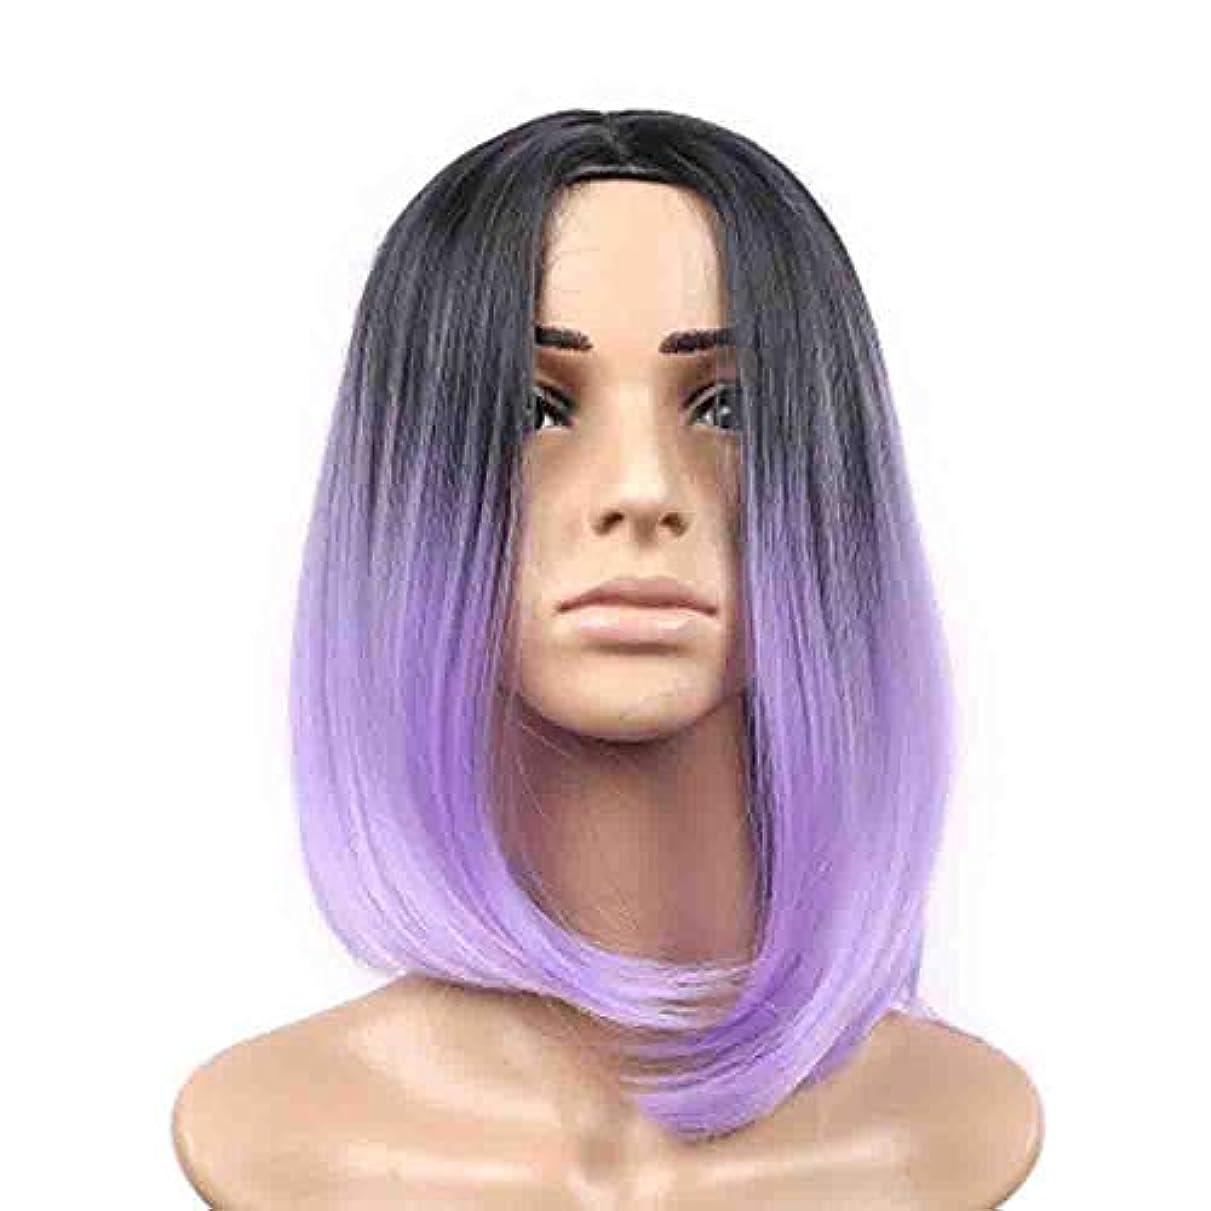 開梱アクセサリー変成器女性のための色のかつら、ロリータショートポニーテールコスプレウィッグ、高密度温度合成かつらコスプレヘアウィッグ、耐熱繊維ヘアウィッグ